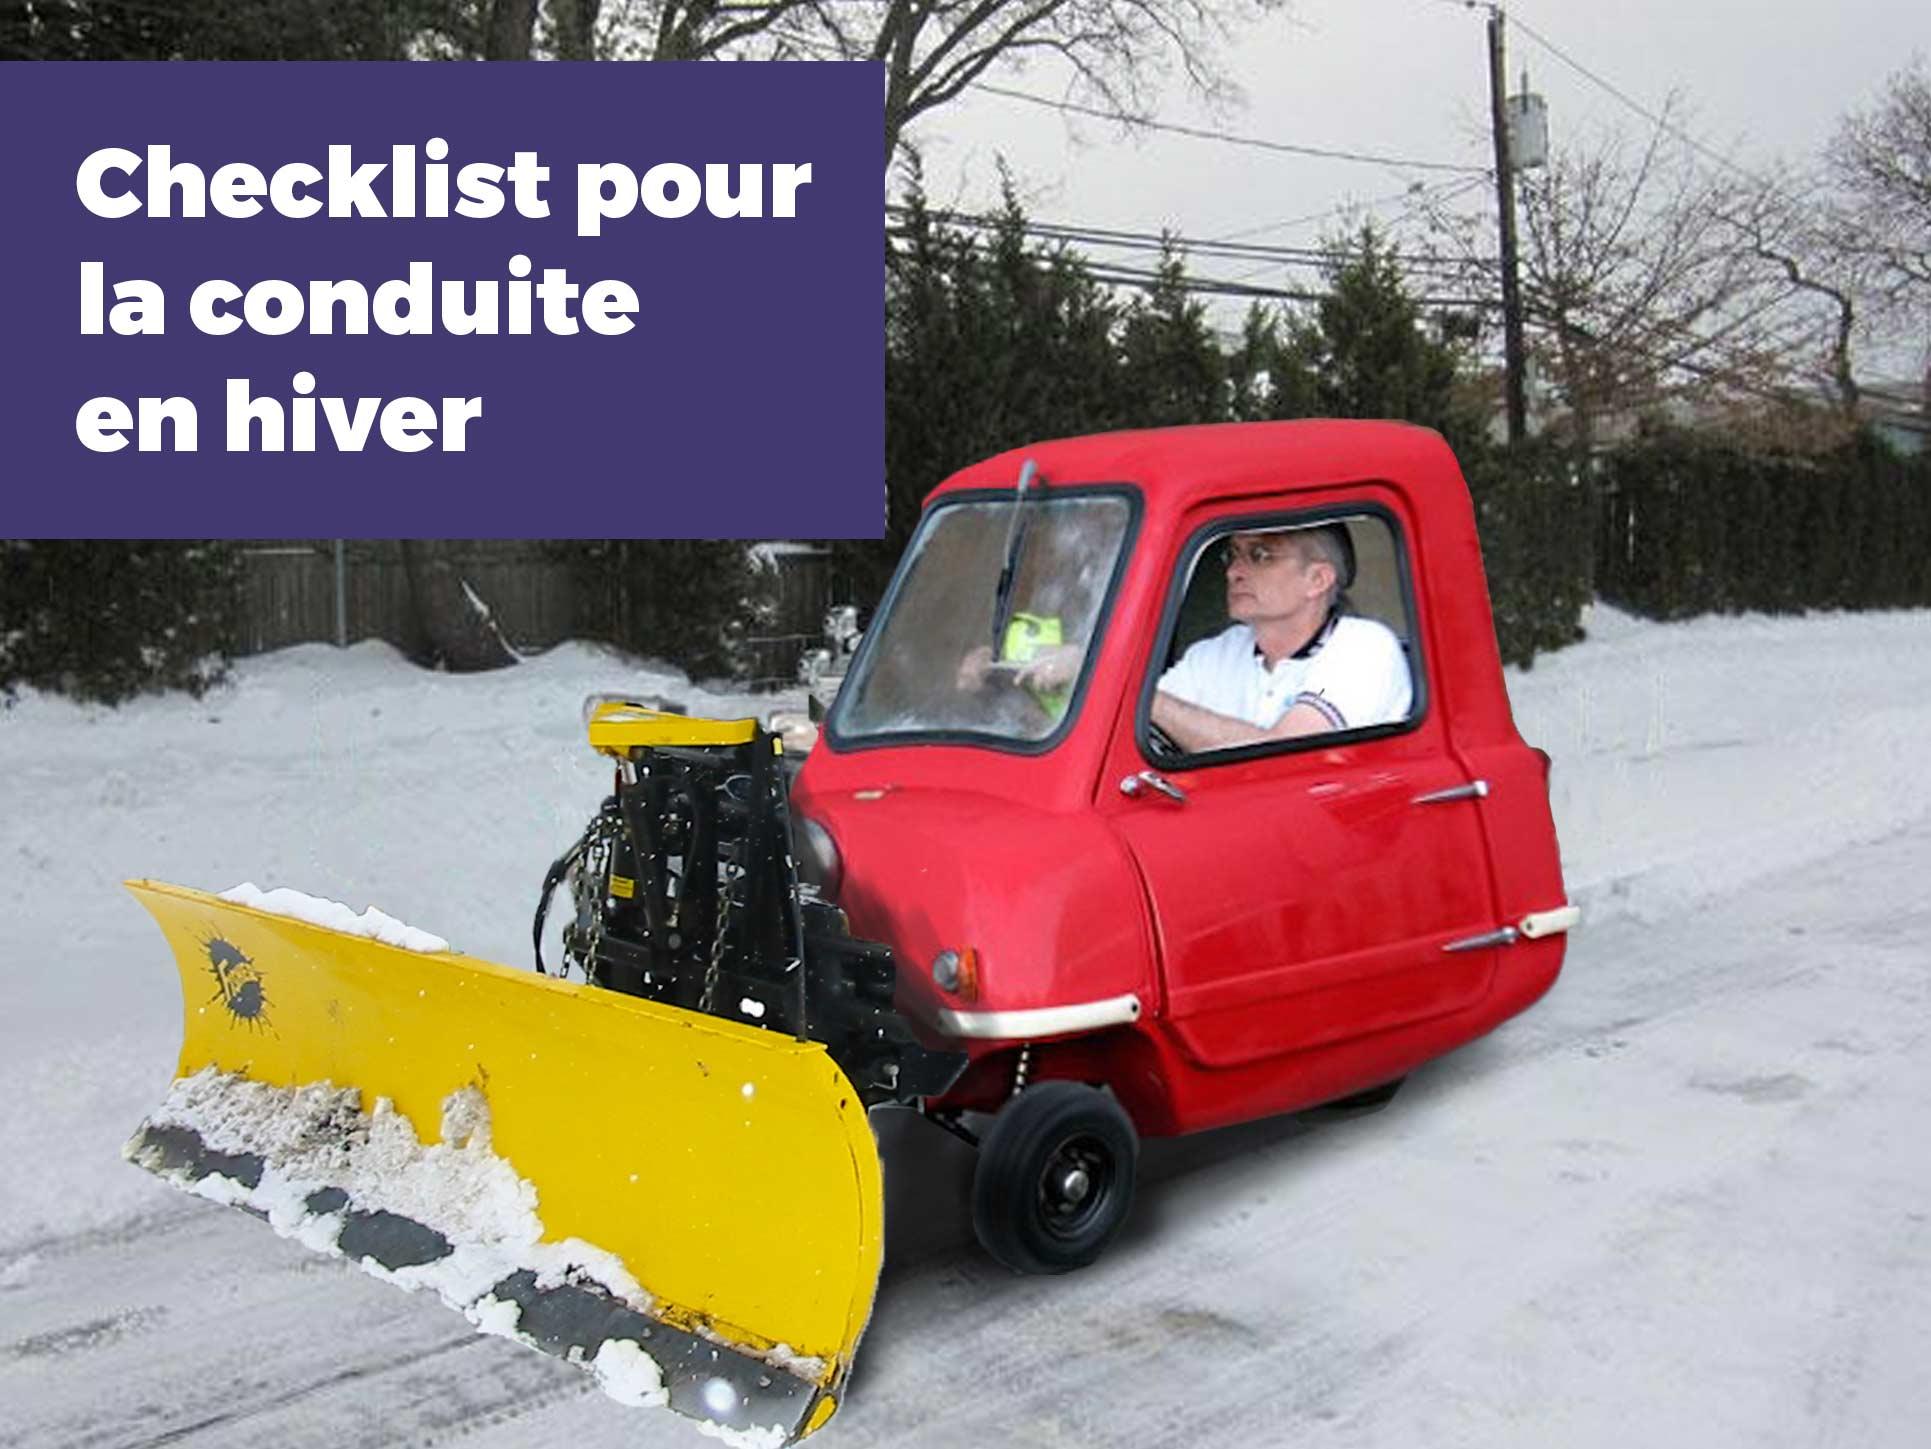 conduire-en-hiver